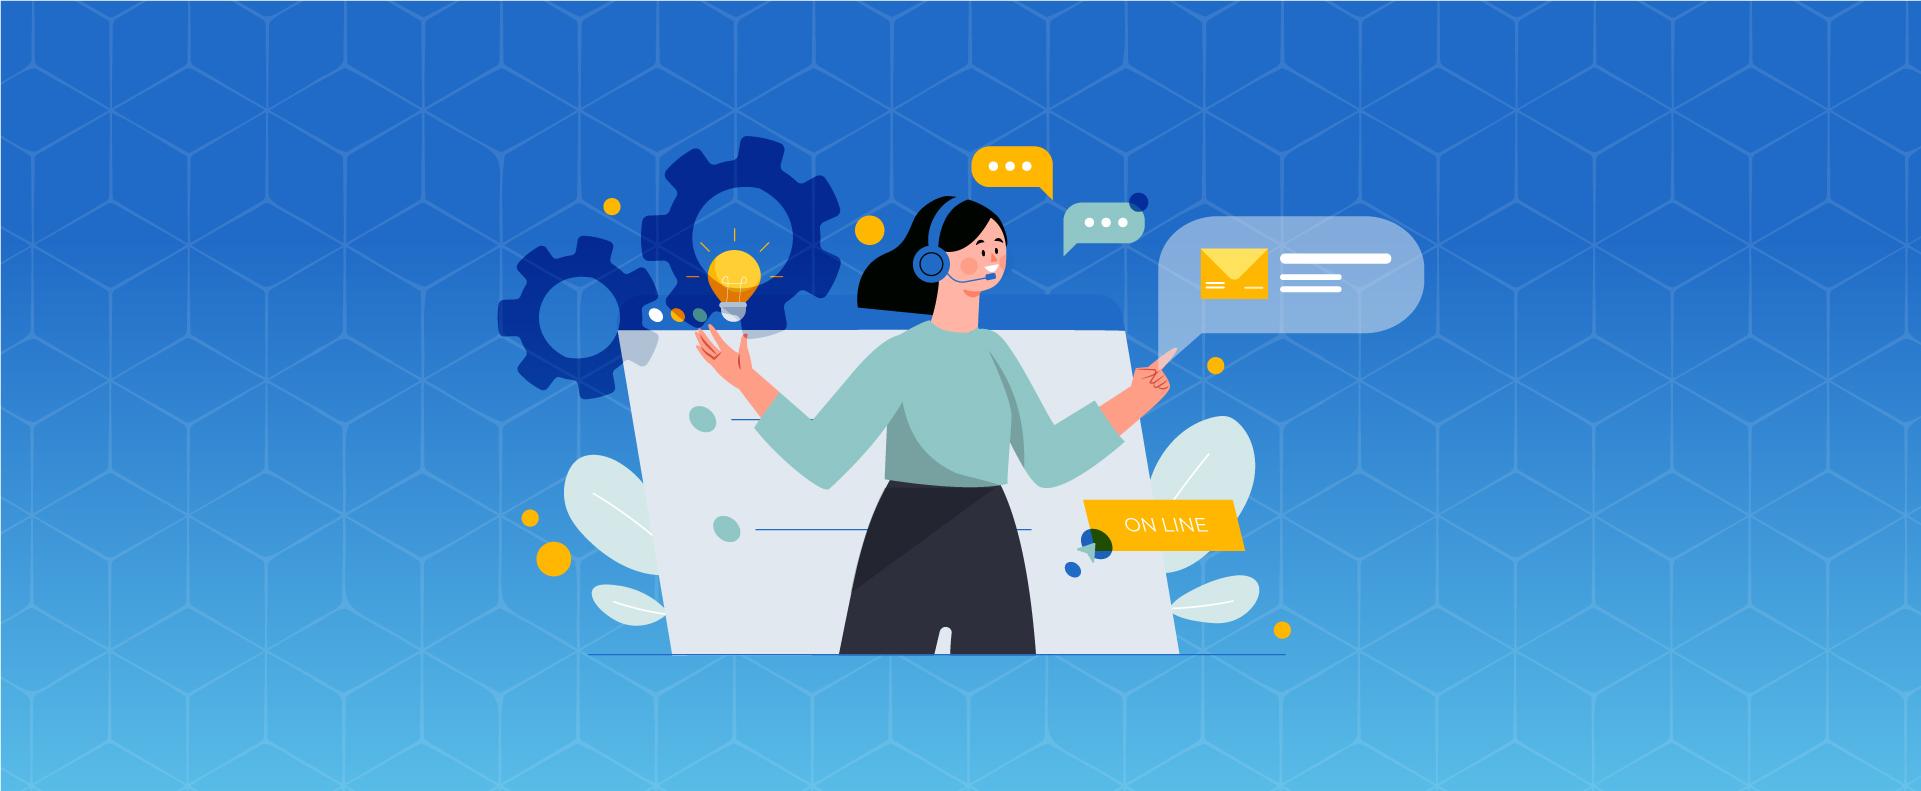 O que é Customer Success e como aplicá-lo em sua empresa?